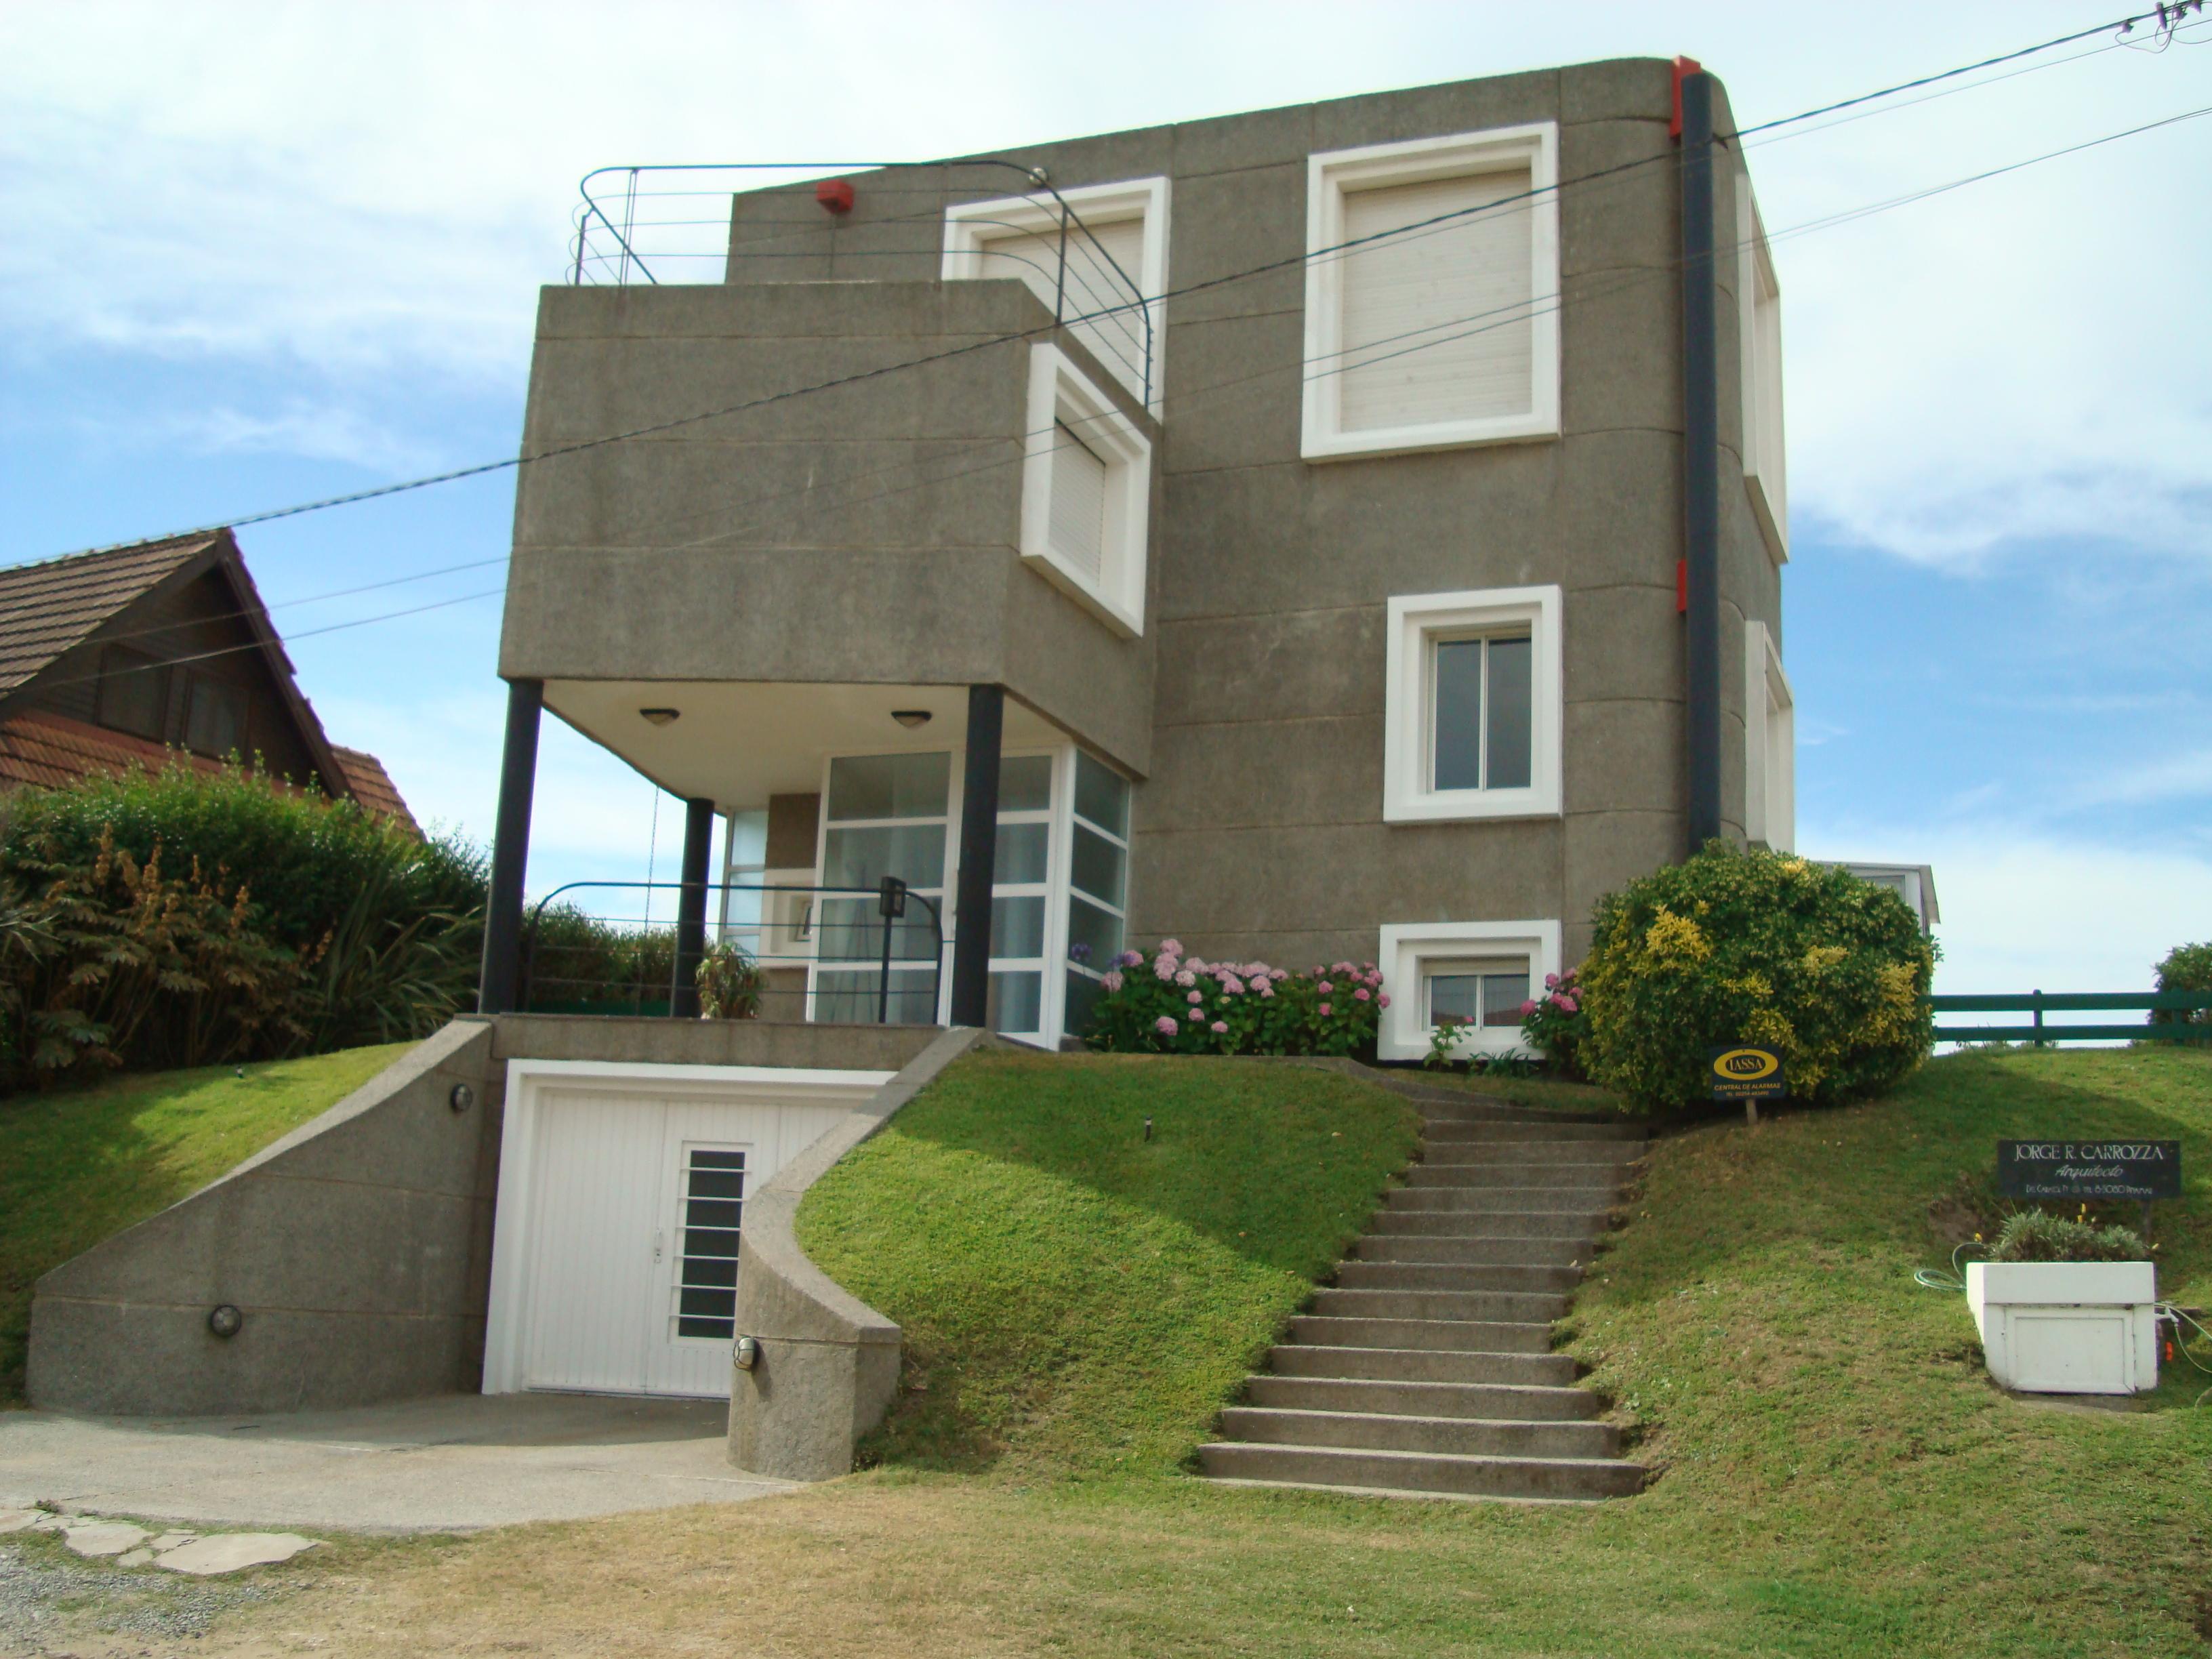 file casa de veraneo moderna en wikimedia